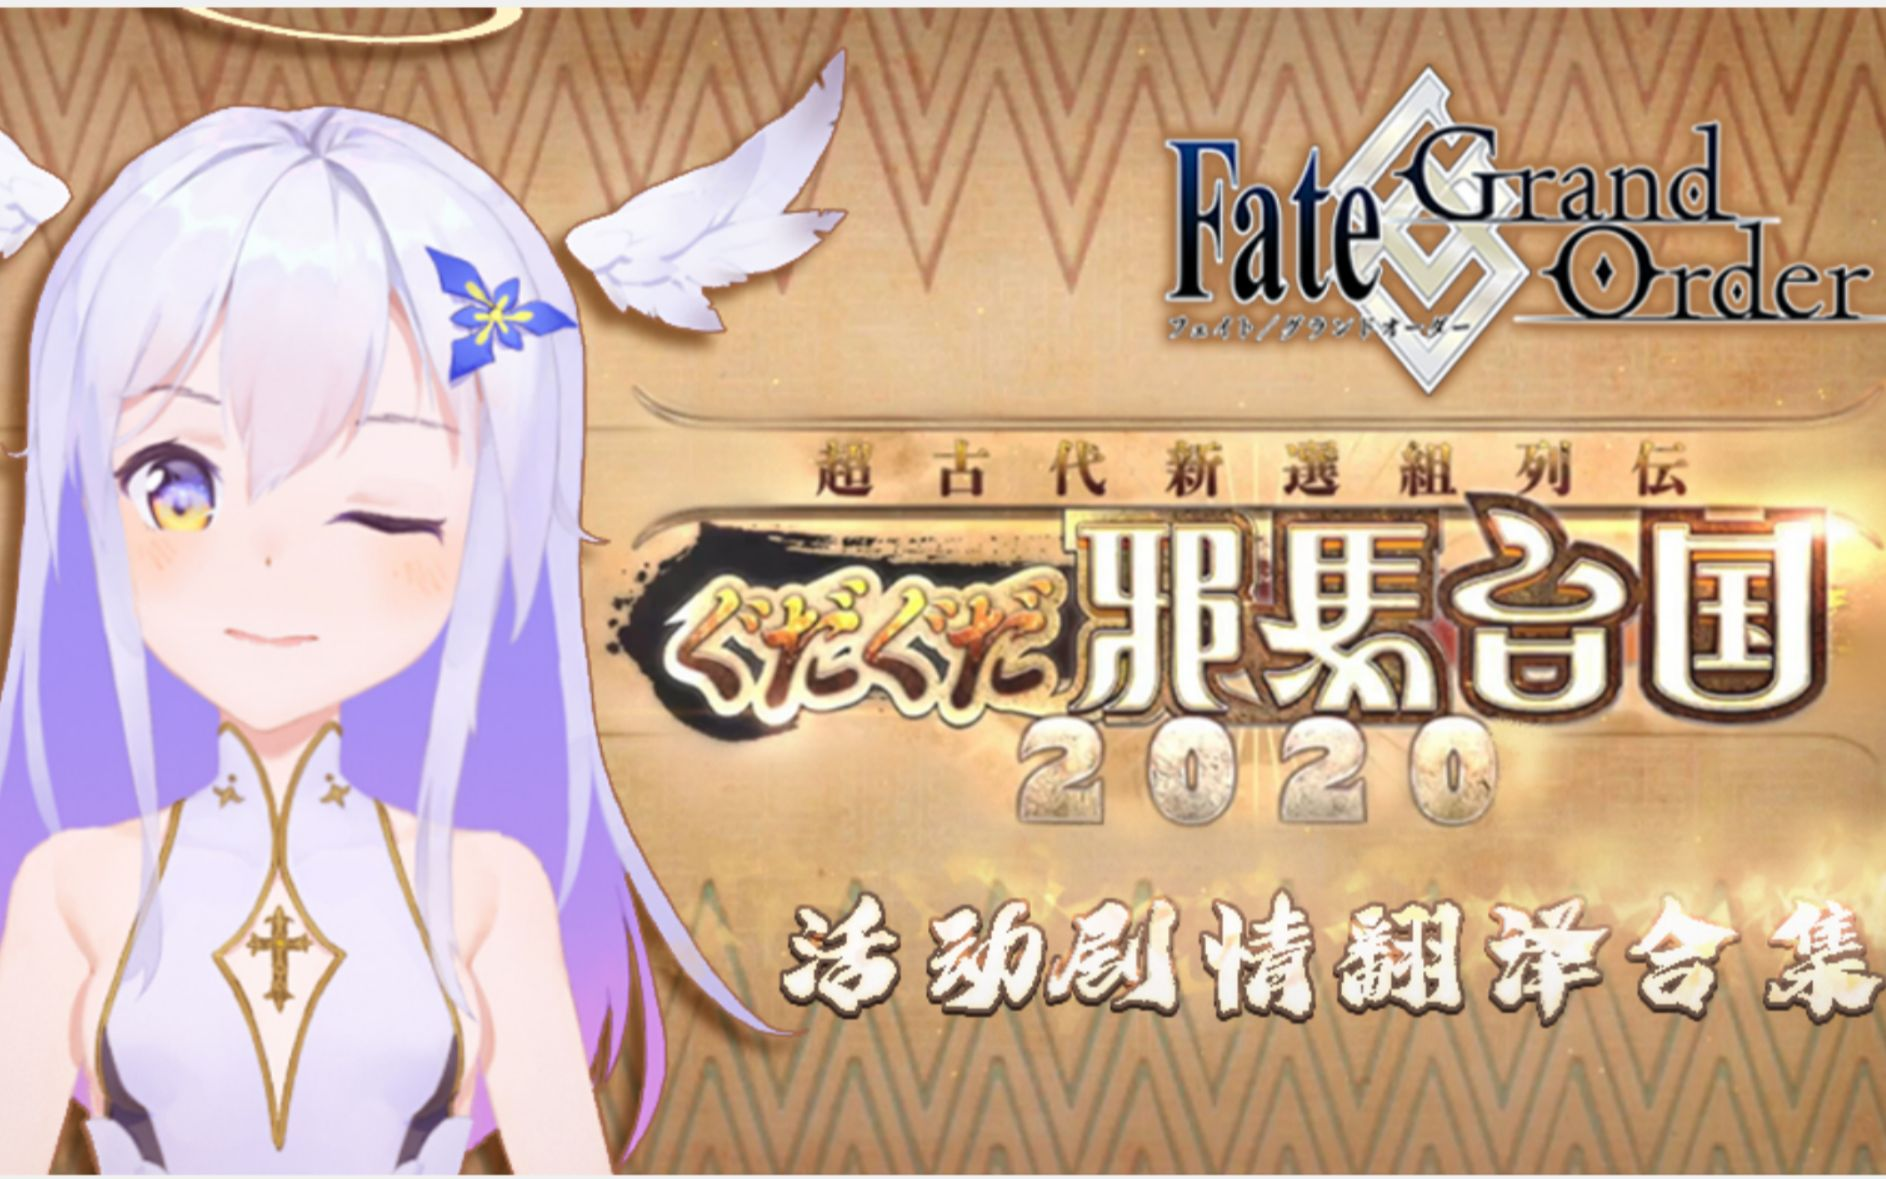 卑弥呼 fate